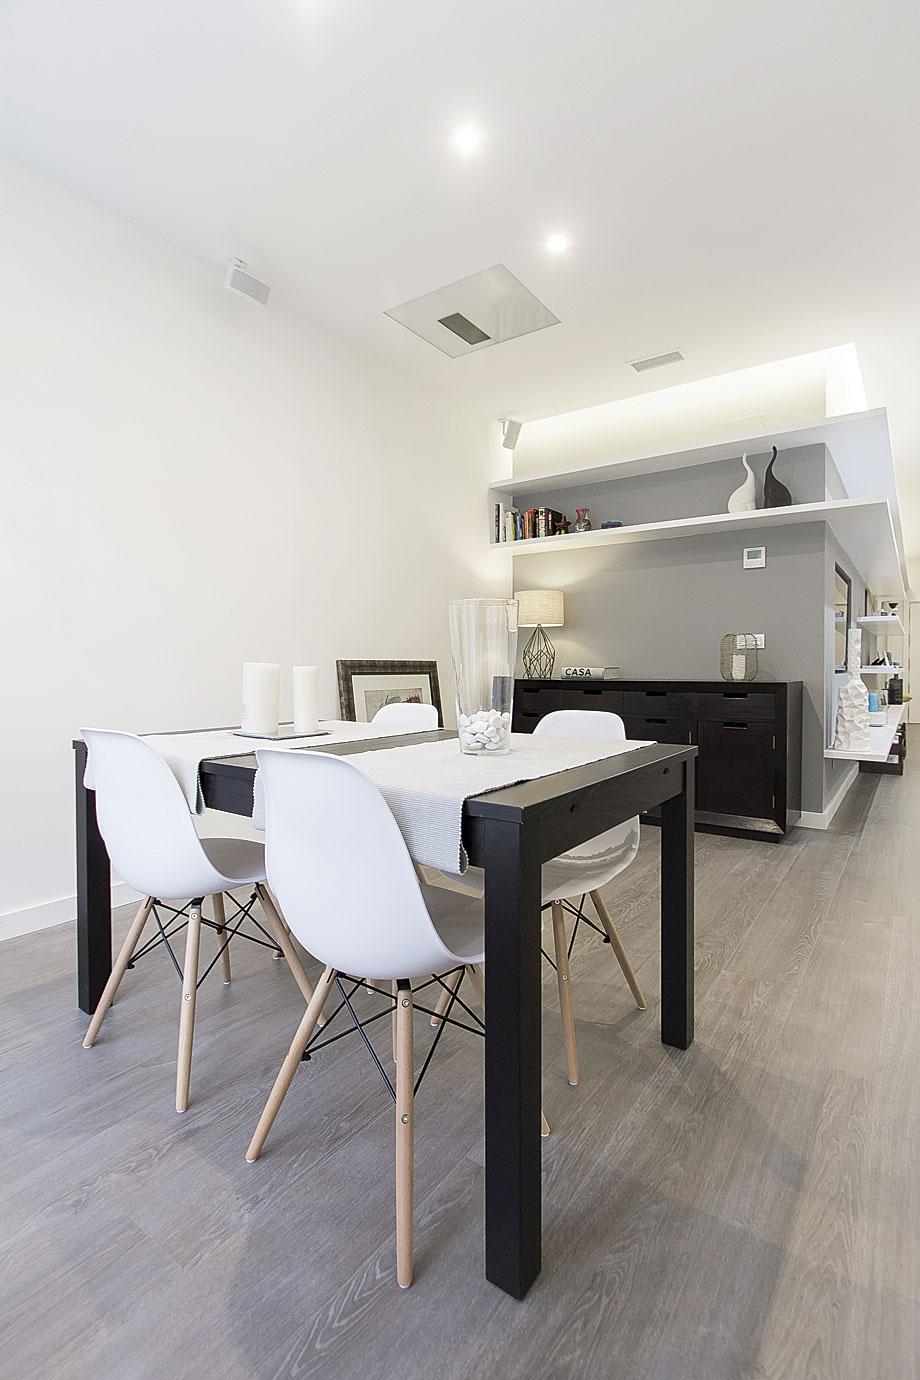 diseño-interior-vivienda-madrid-amasl-estudio-artycocina-santos (15)